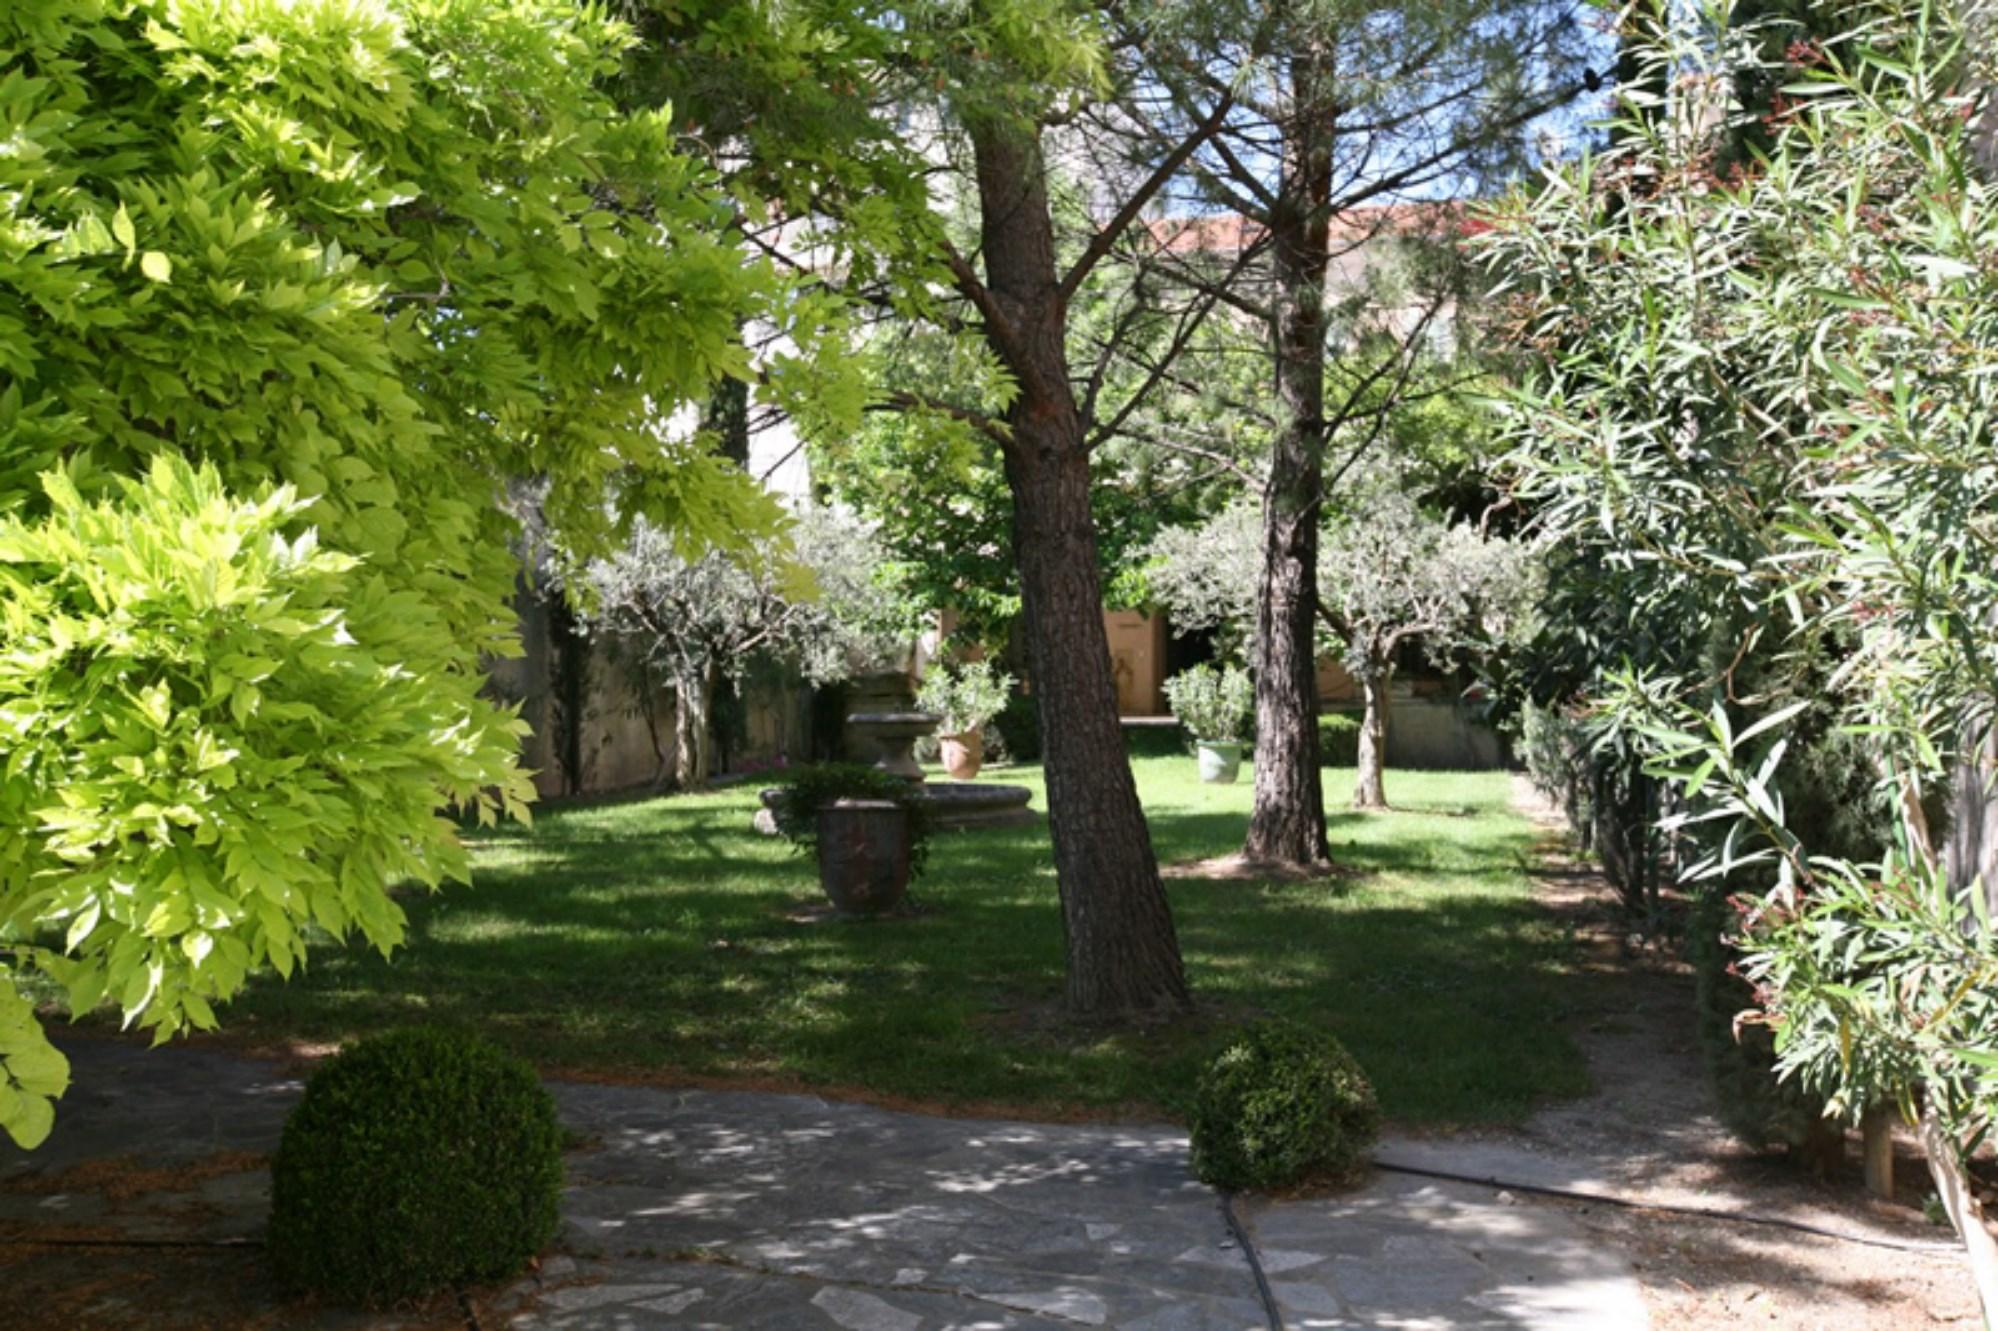 A vendre en Luberon,  vaste hôtel particulier avec jardin privatif